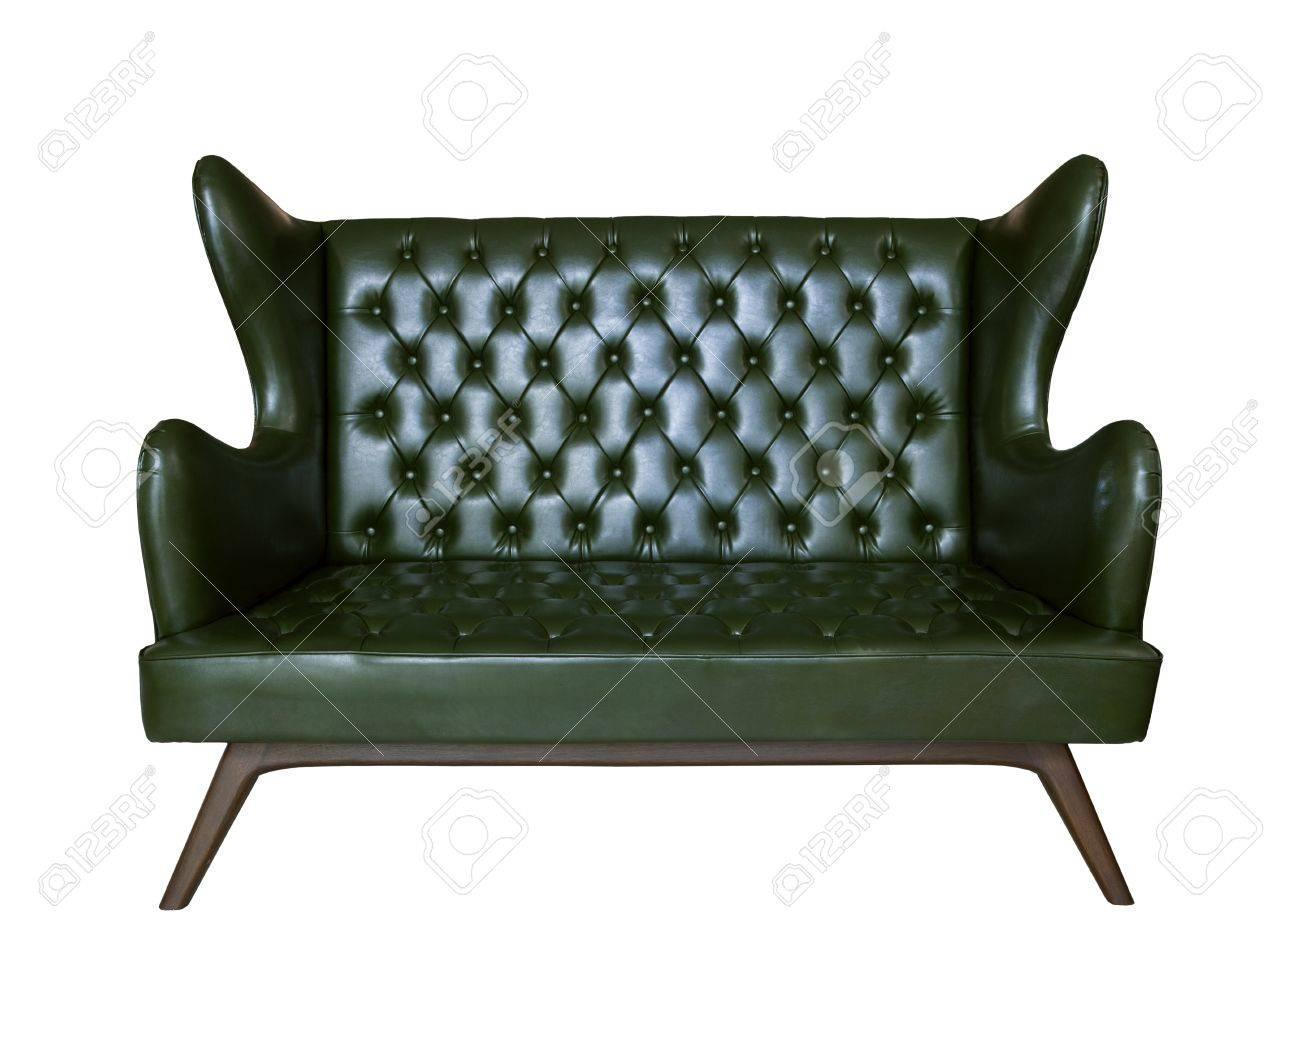 Full Size of Luxus Sofa Aus Isoliert Wei Lizenzfreie Fotos Xxl Günstig 2 Sitzer Mit Schlaffunktion Vitra Liege Ecksofa Garten Kleines Wohnzimmer U Form Ikea Alcantara Sofa Luxus Sofa